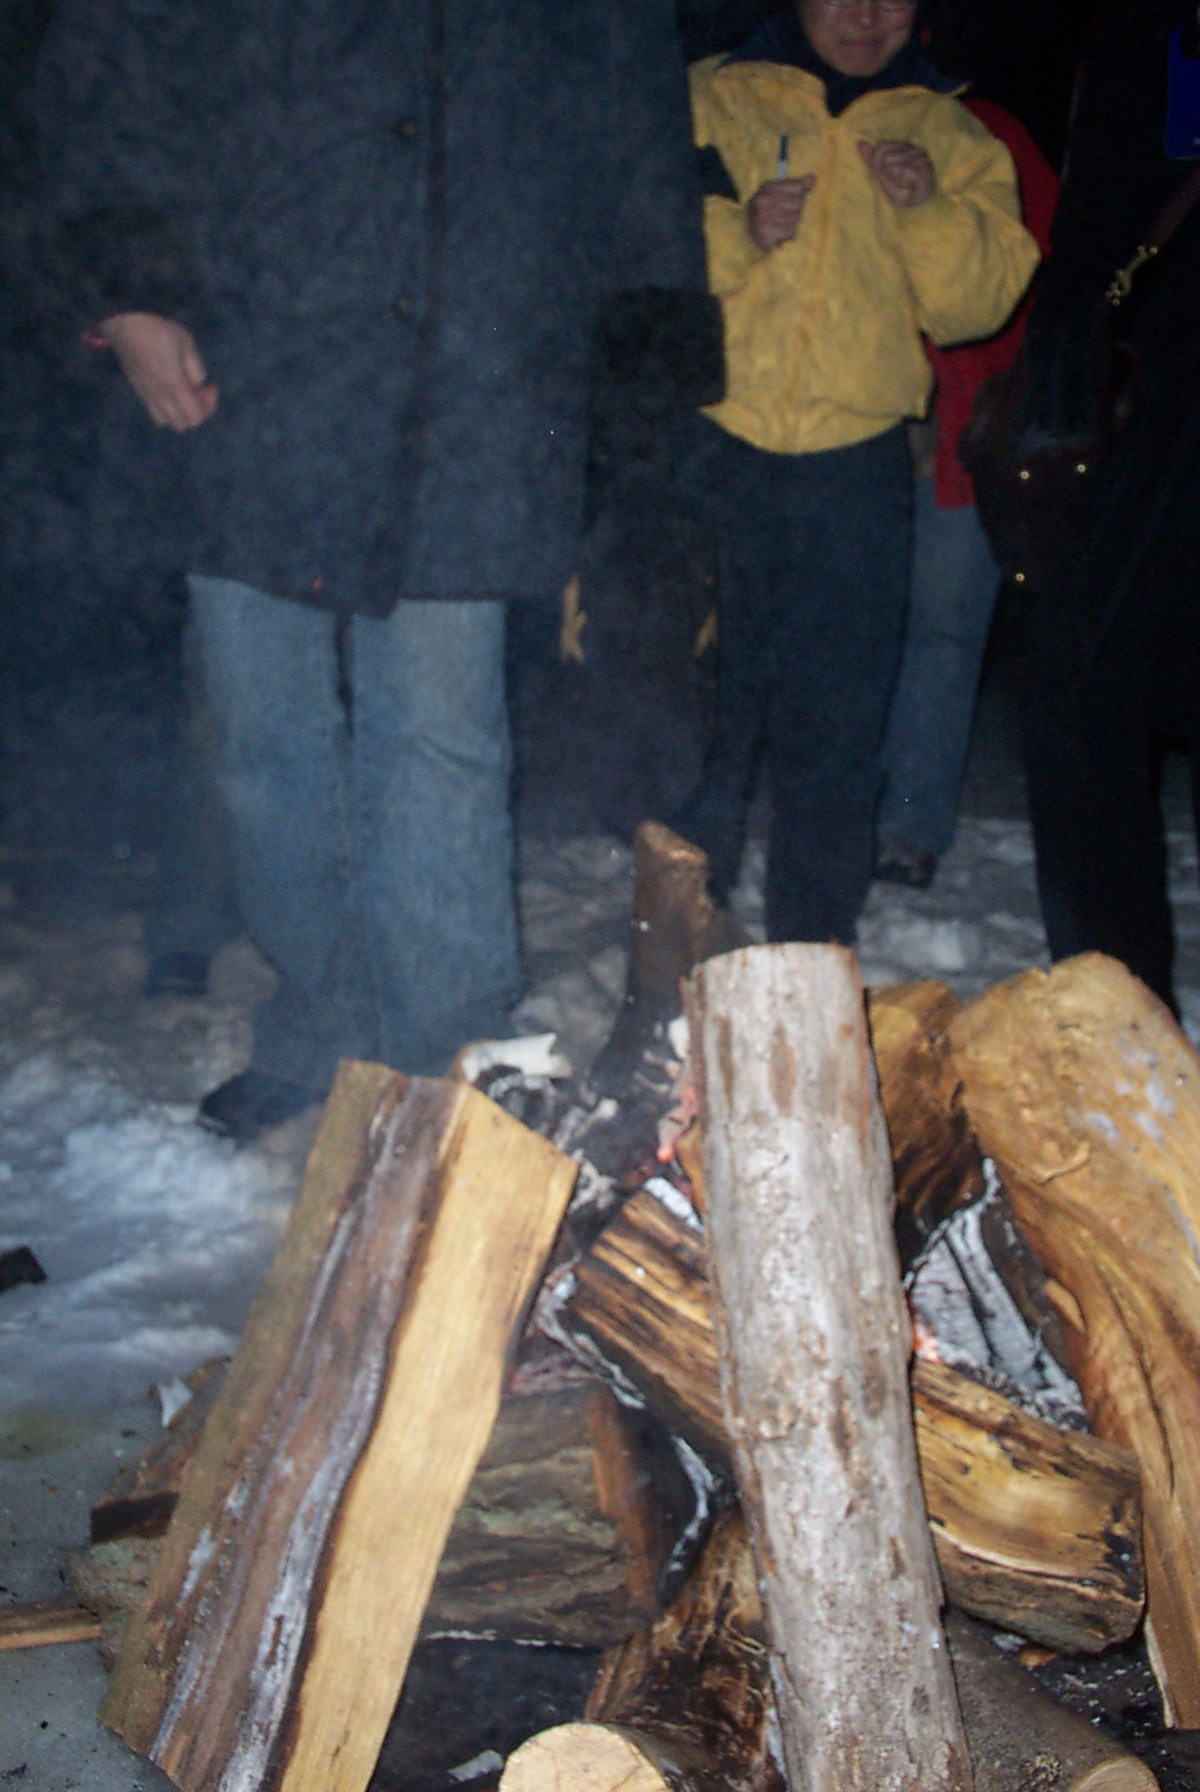 The KW bonfire